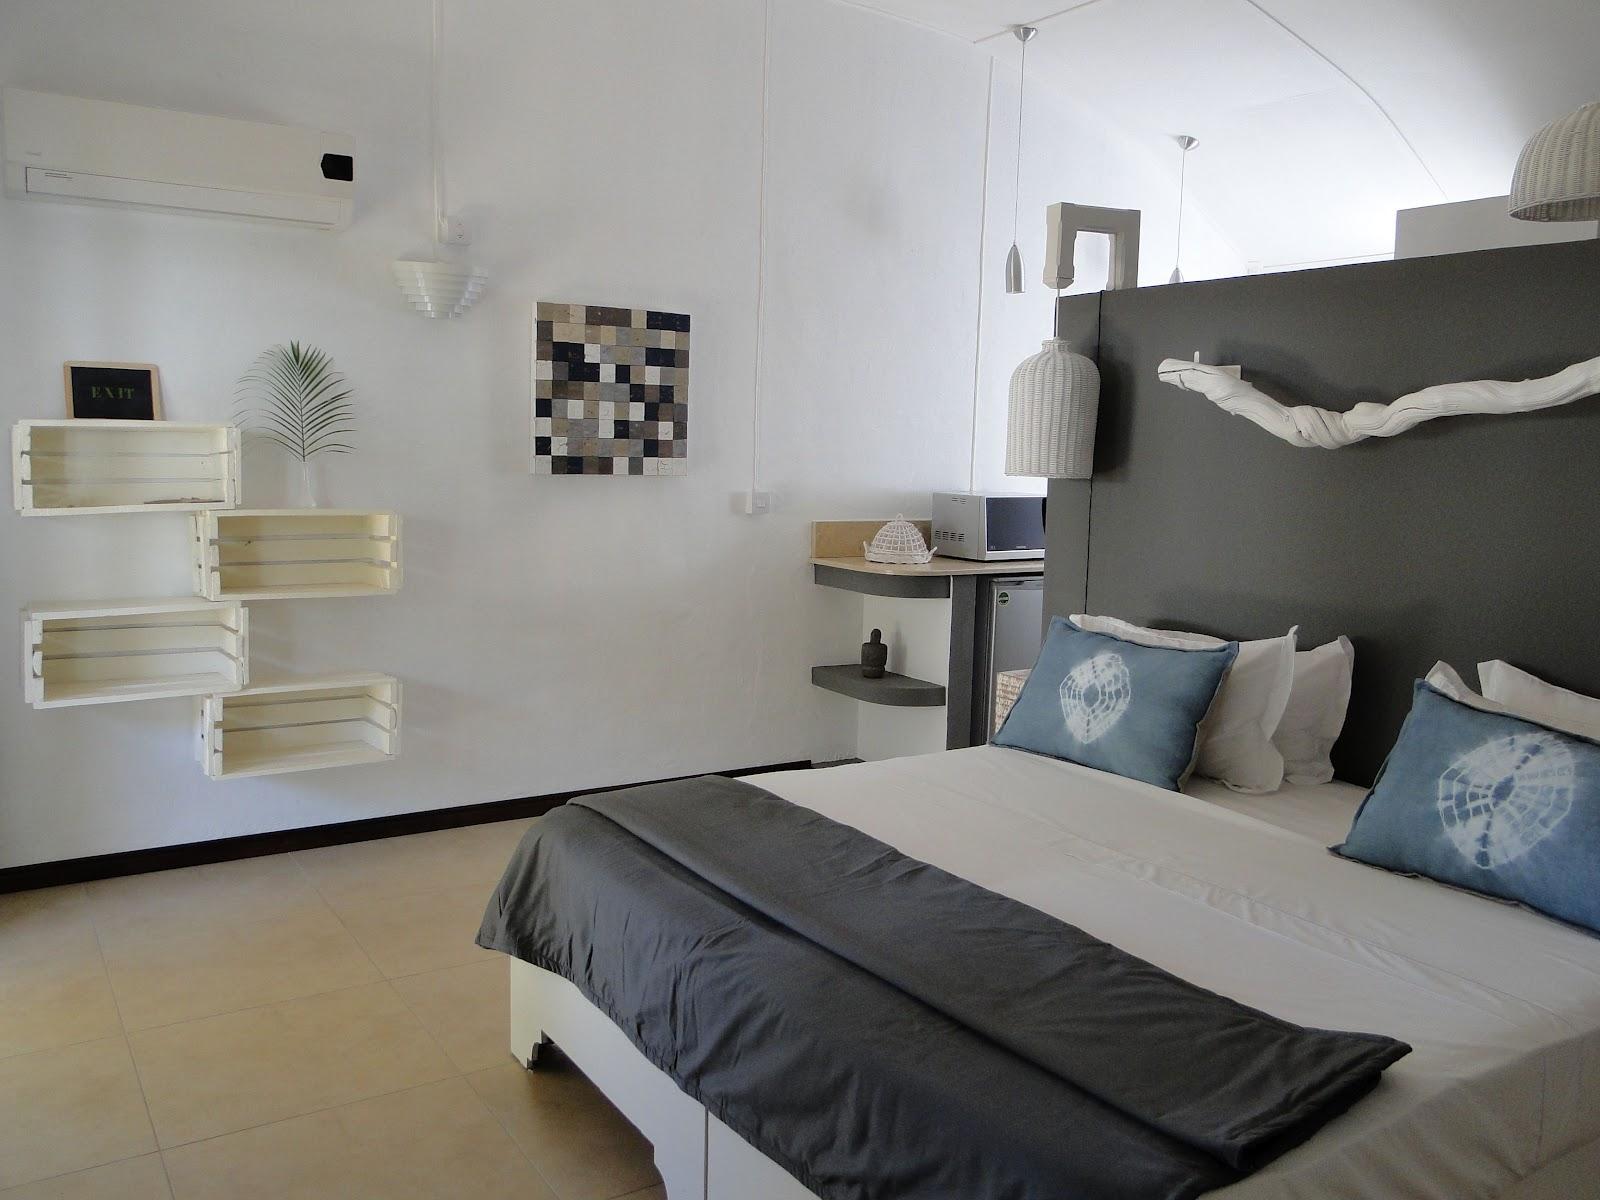 Vanilla house est une maison d'hôtes située à rivière noire